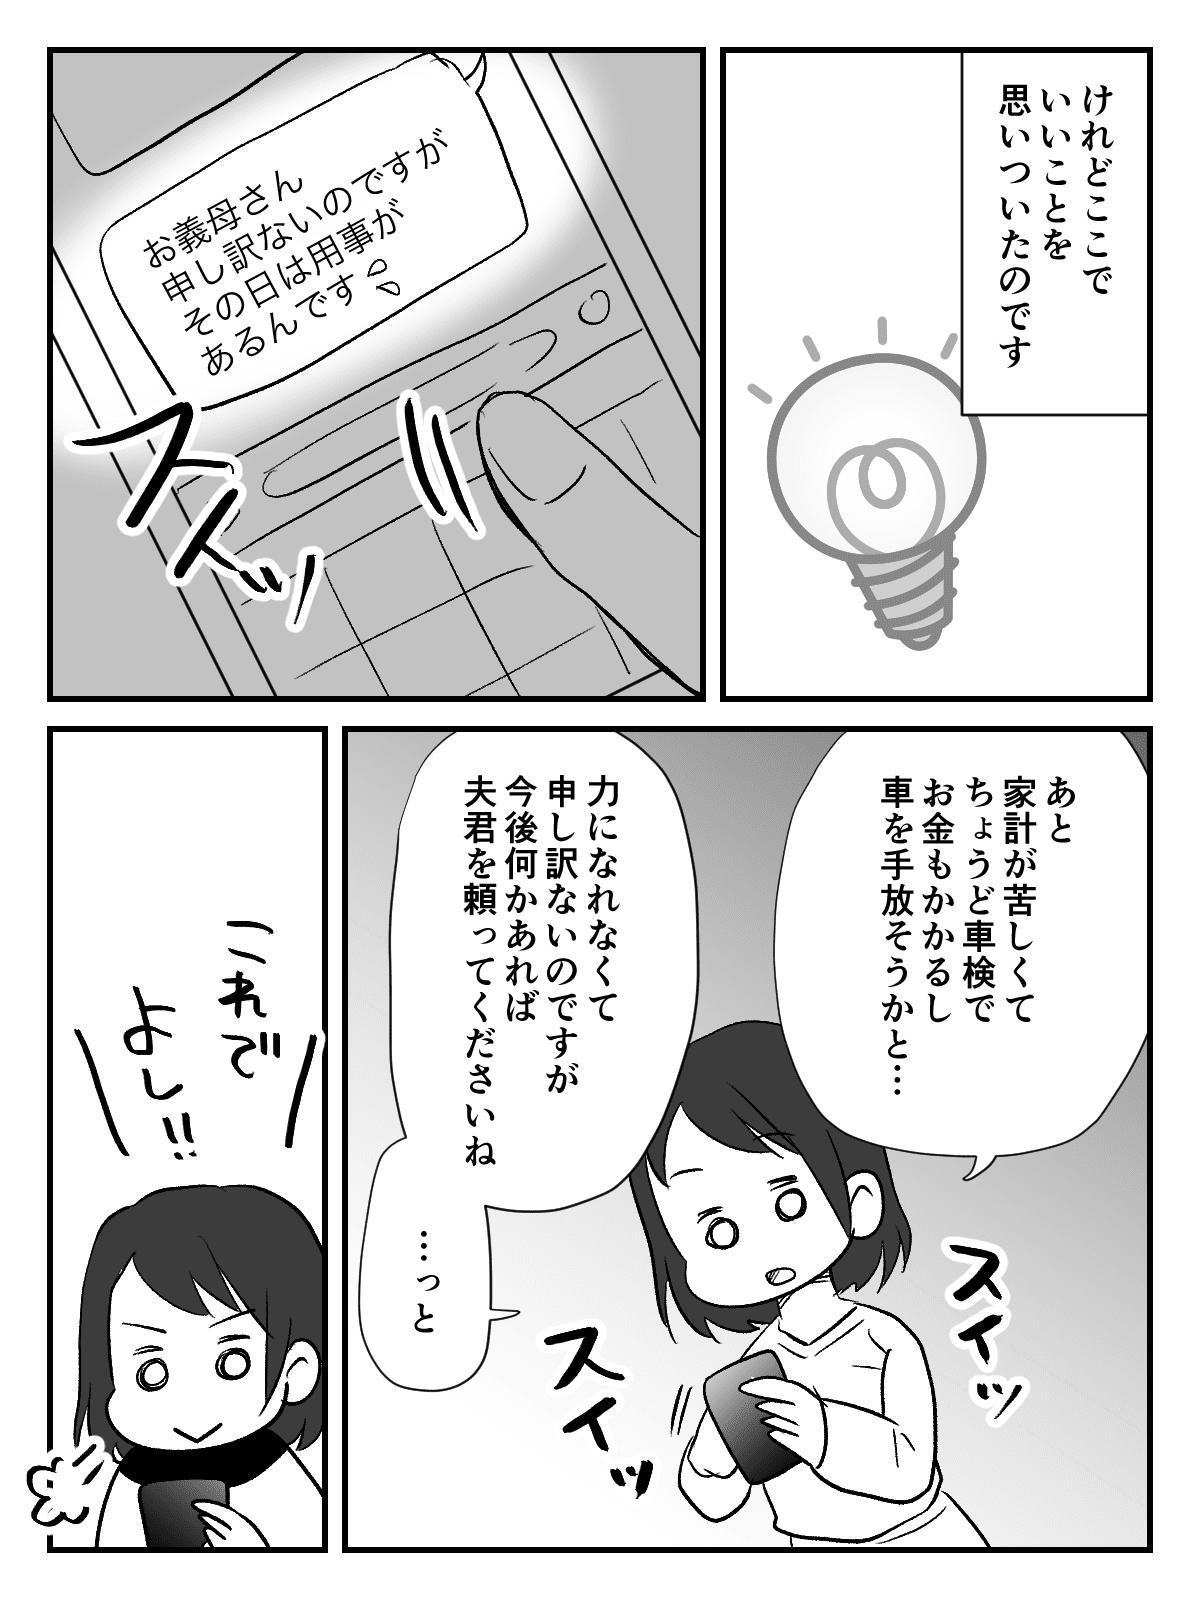 免許がない義母_出力_006